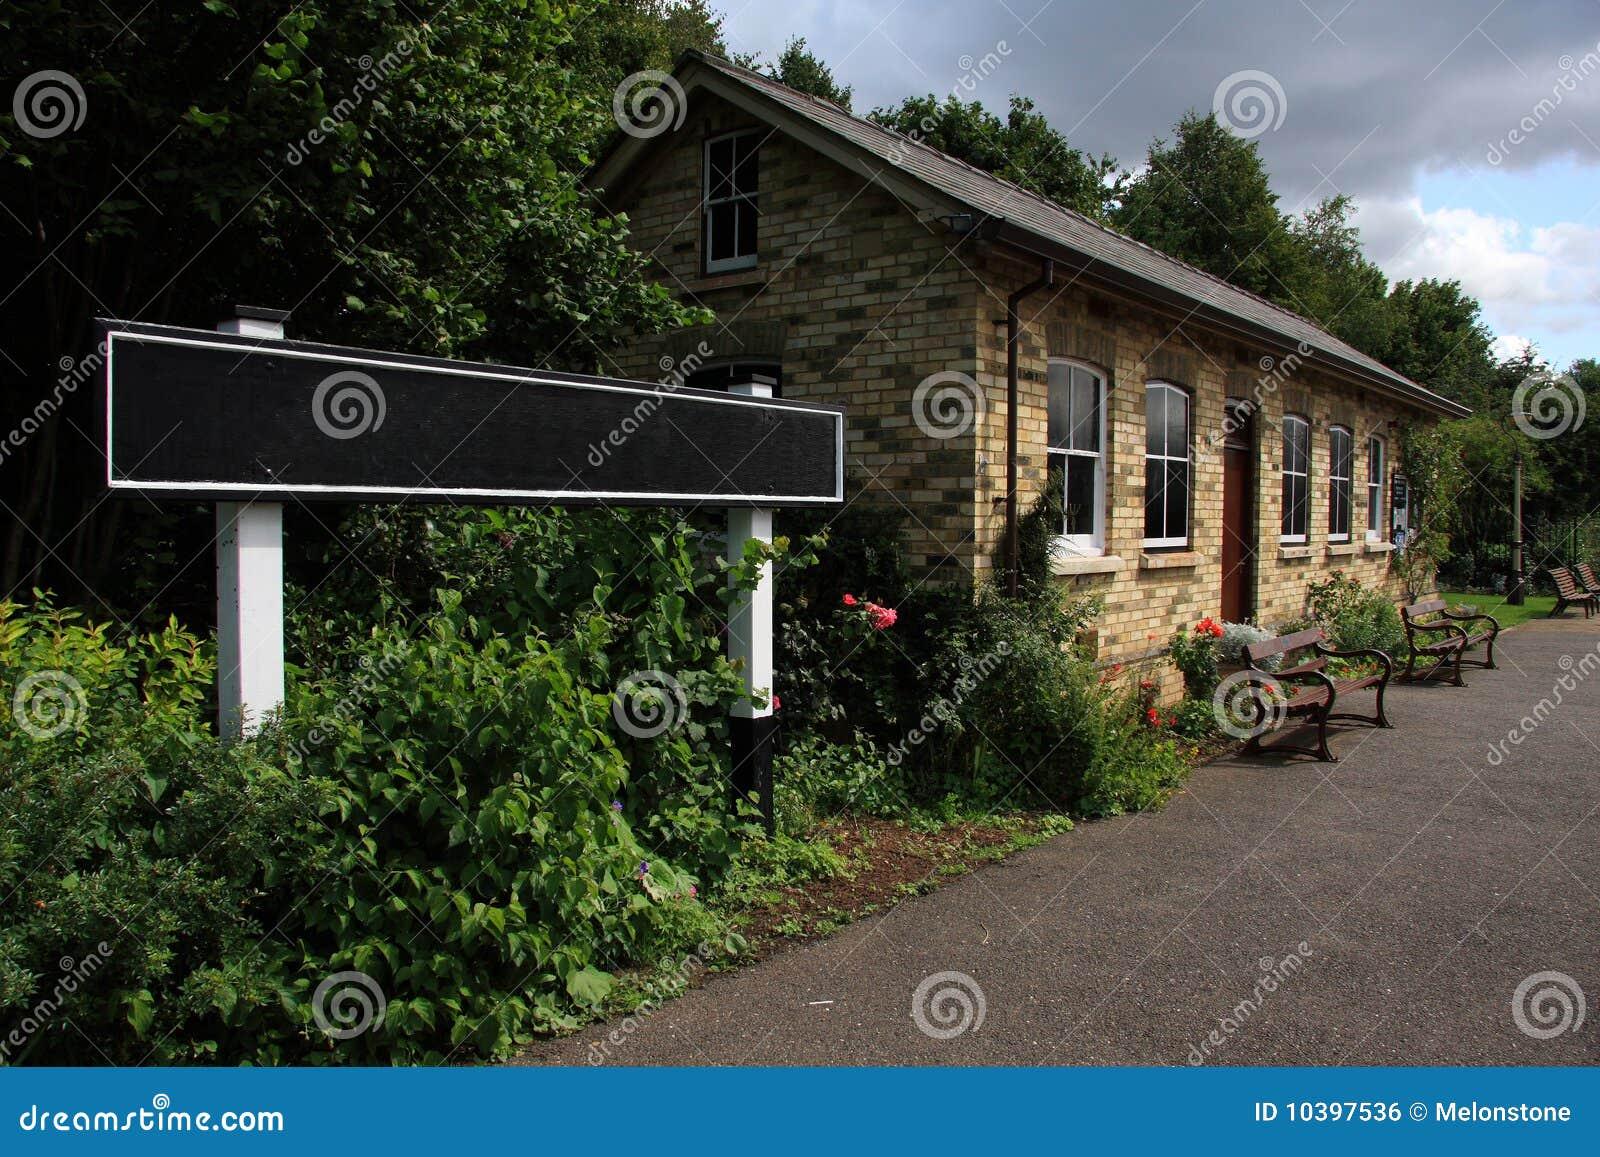 Estação de comboio restaurada